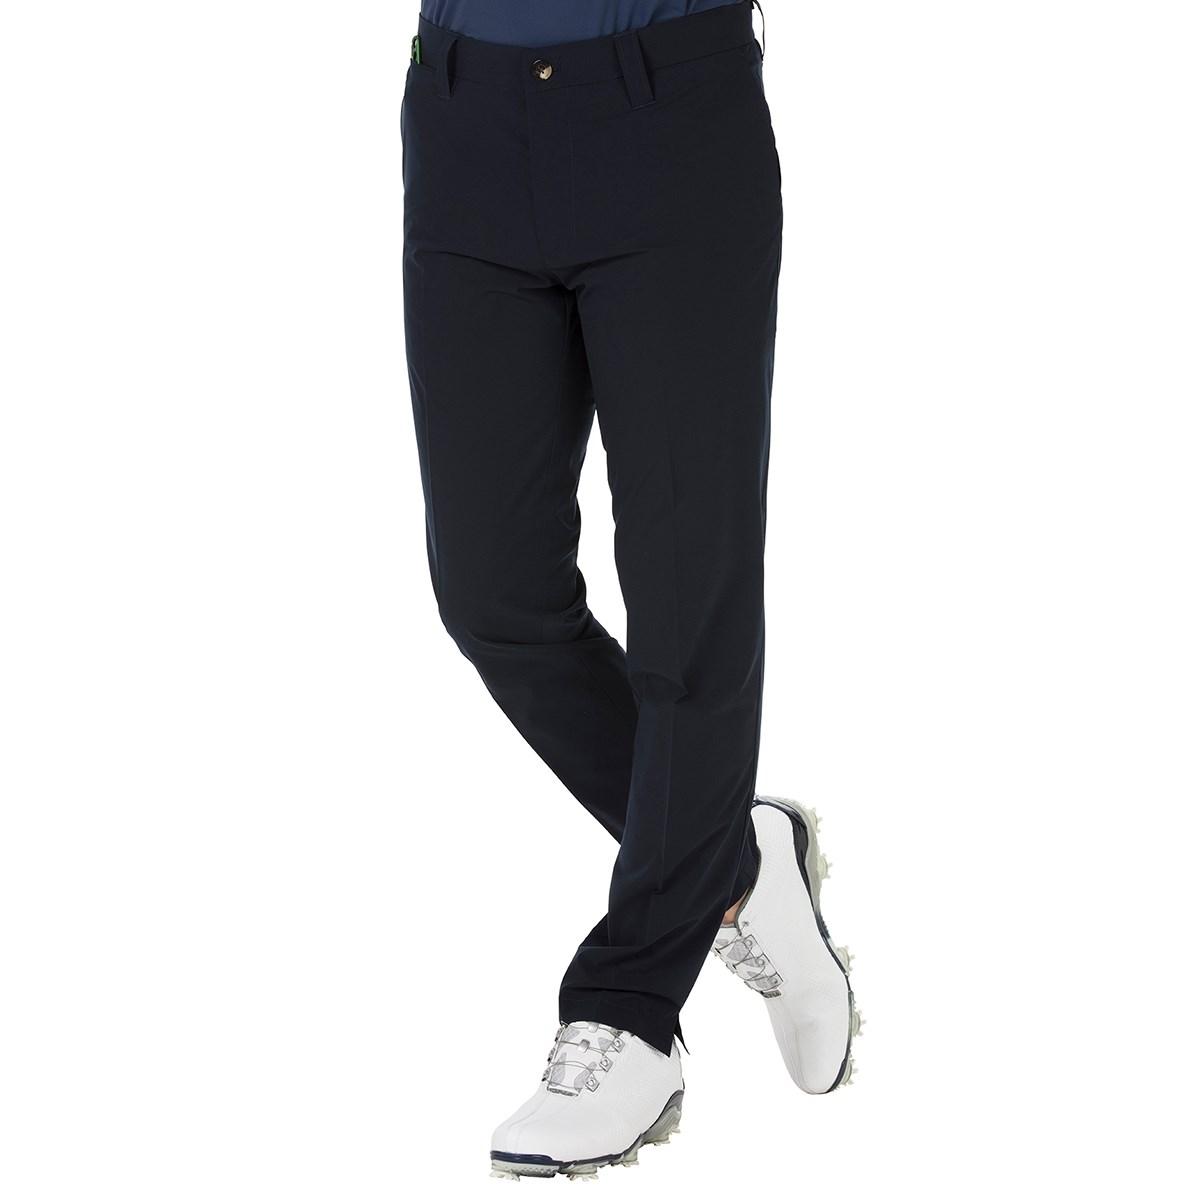 GDO オリジナル 2WAYストレッチゴルフスラックス 股下79cm